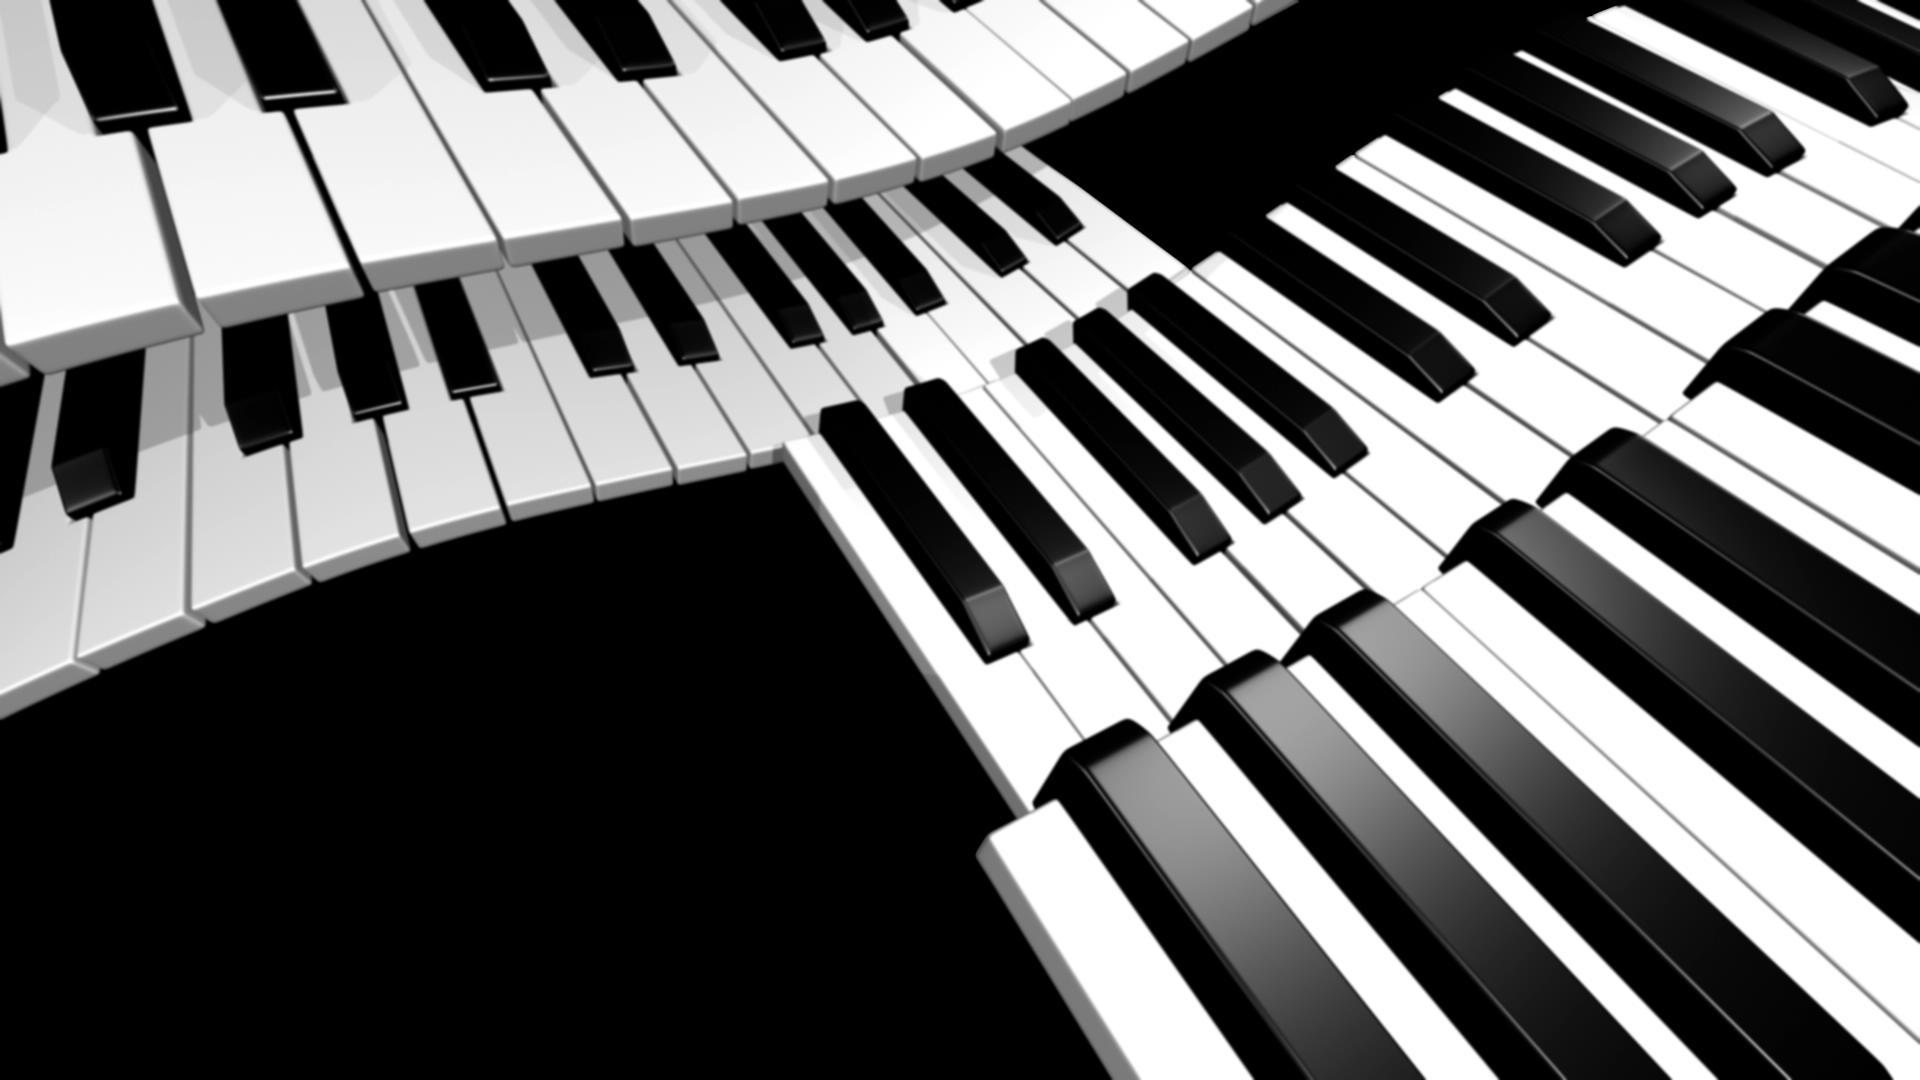 舞动的音乐